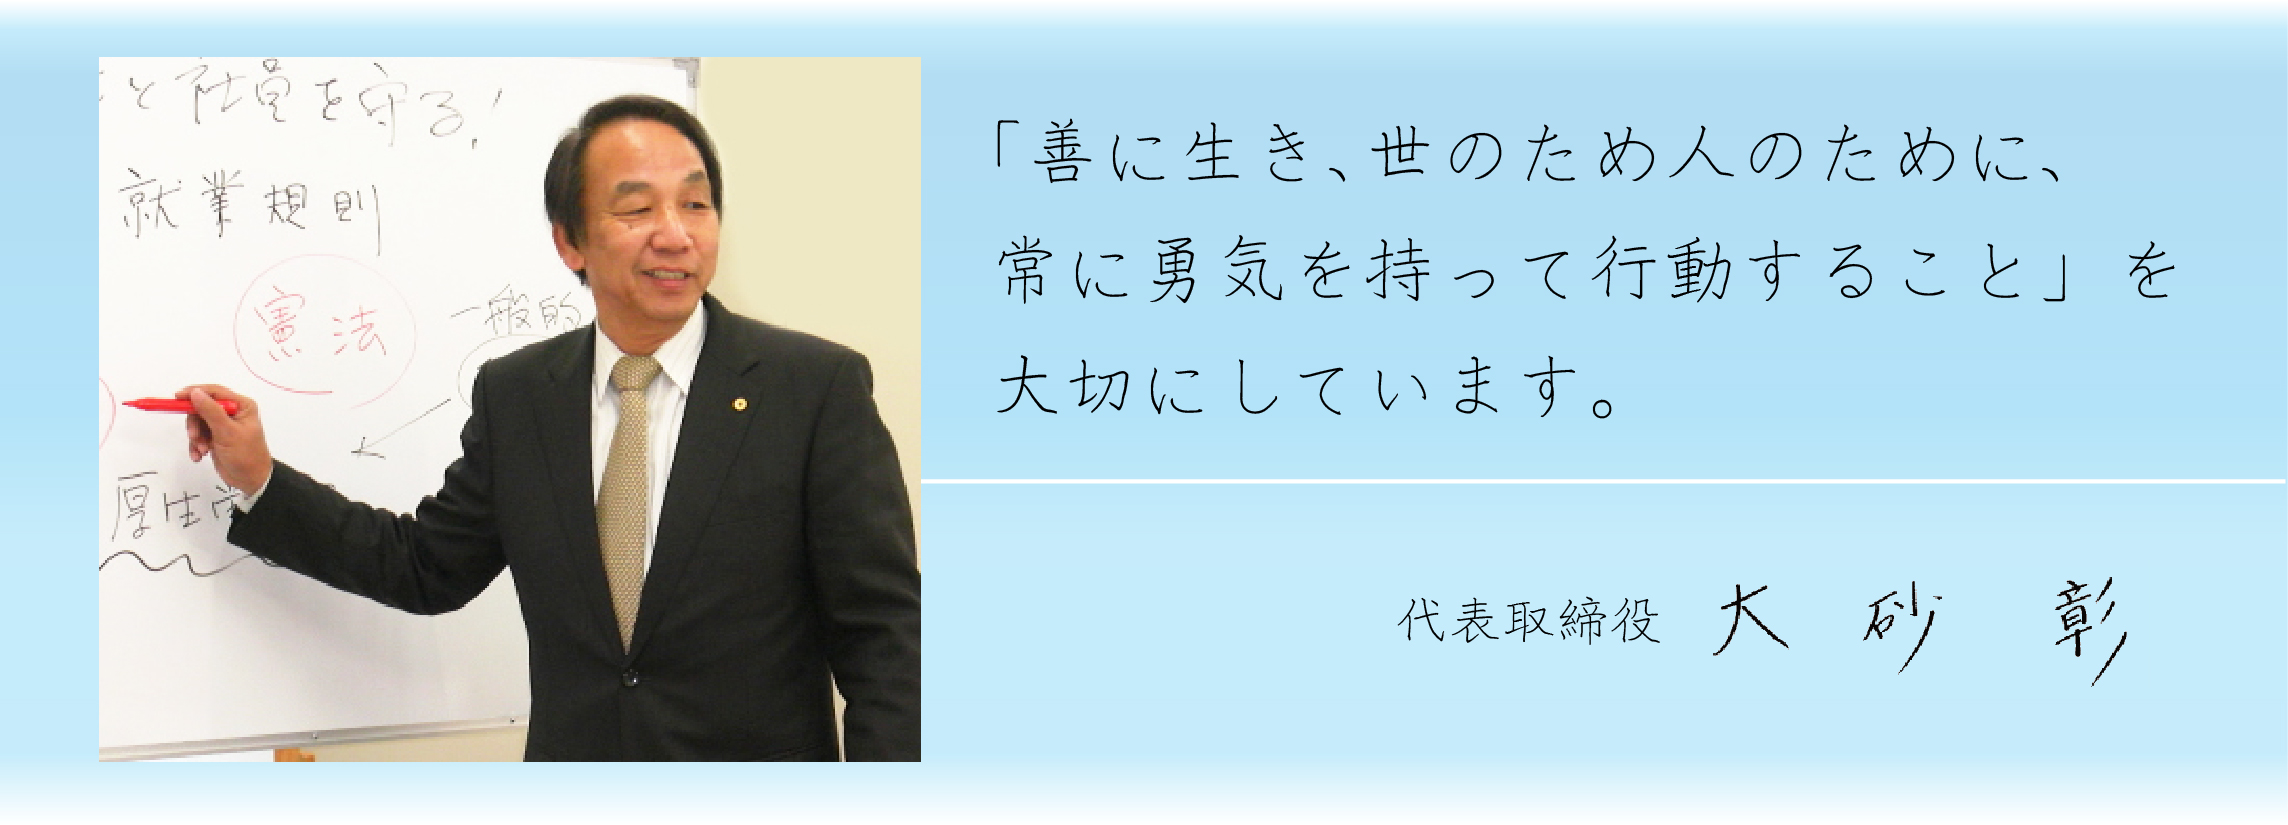 代表取締役 大砂彰